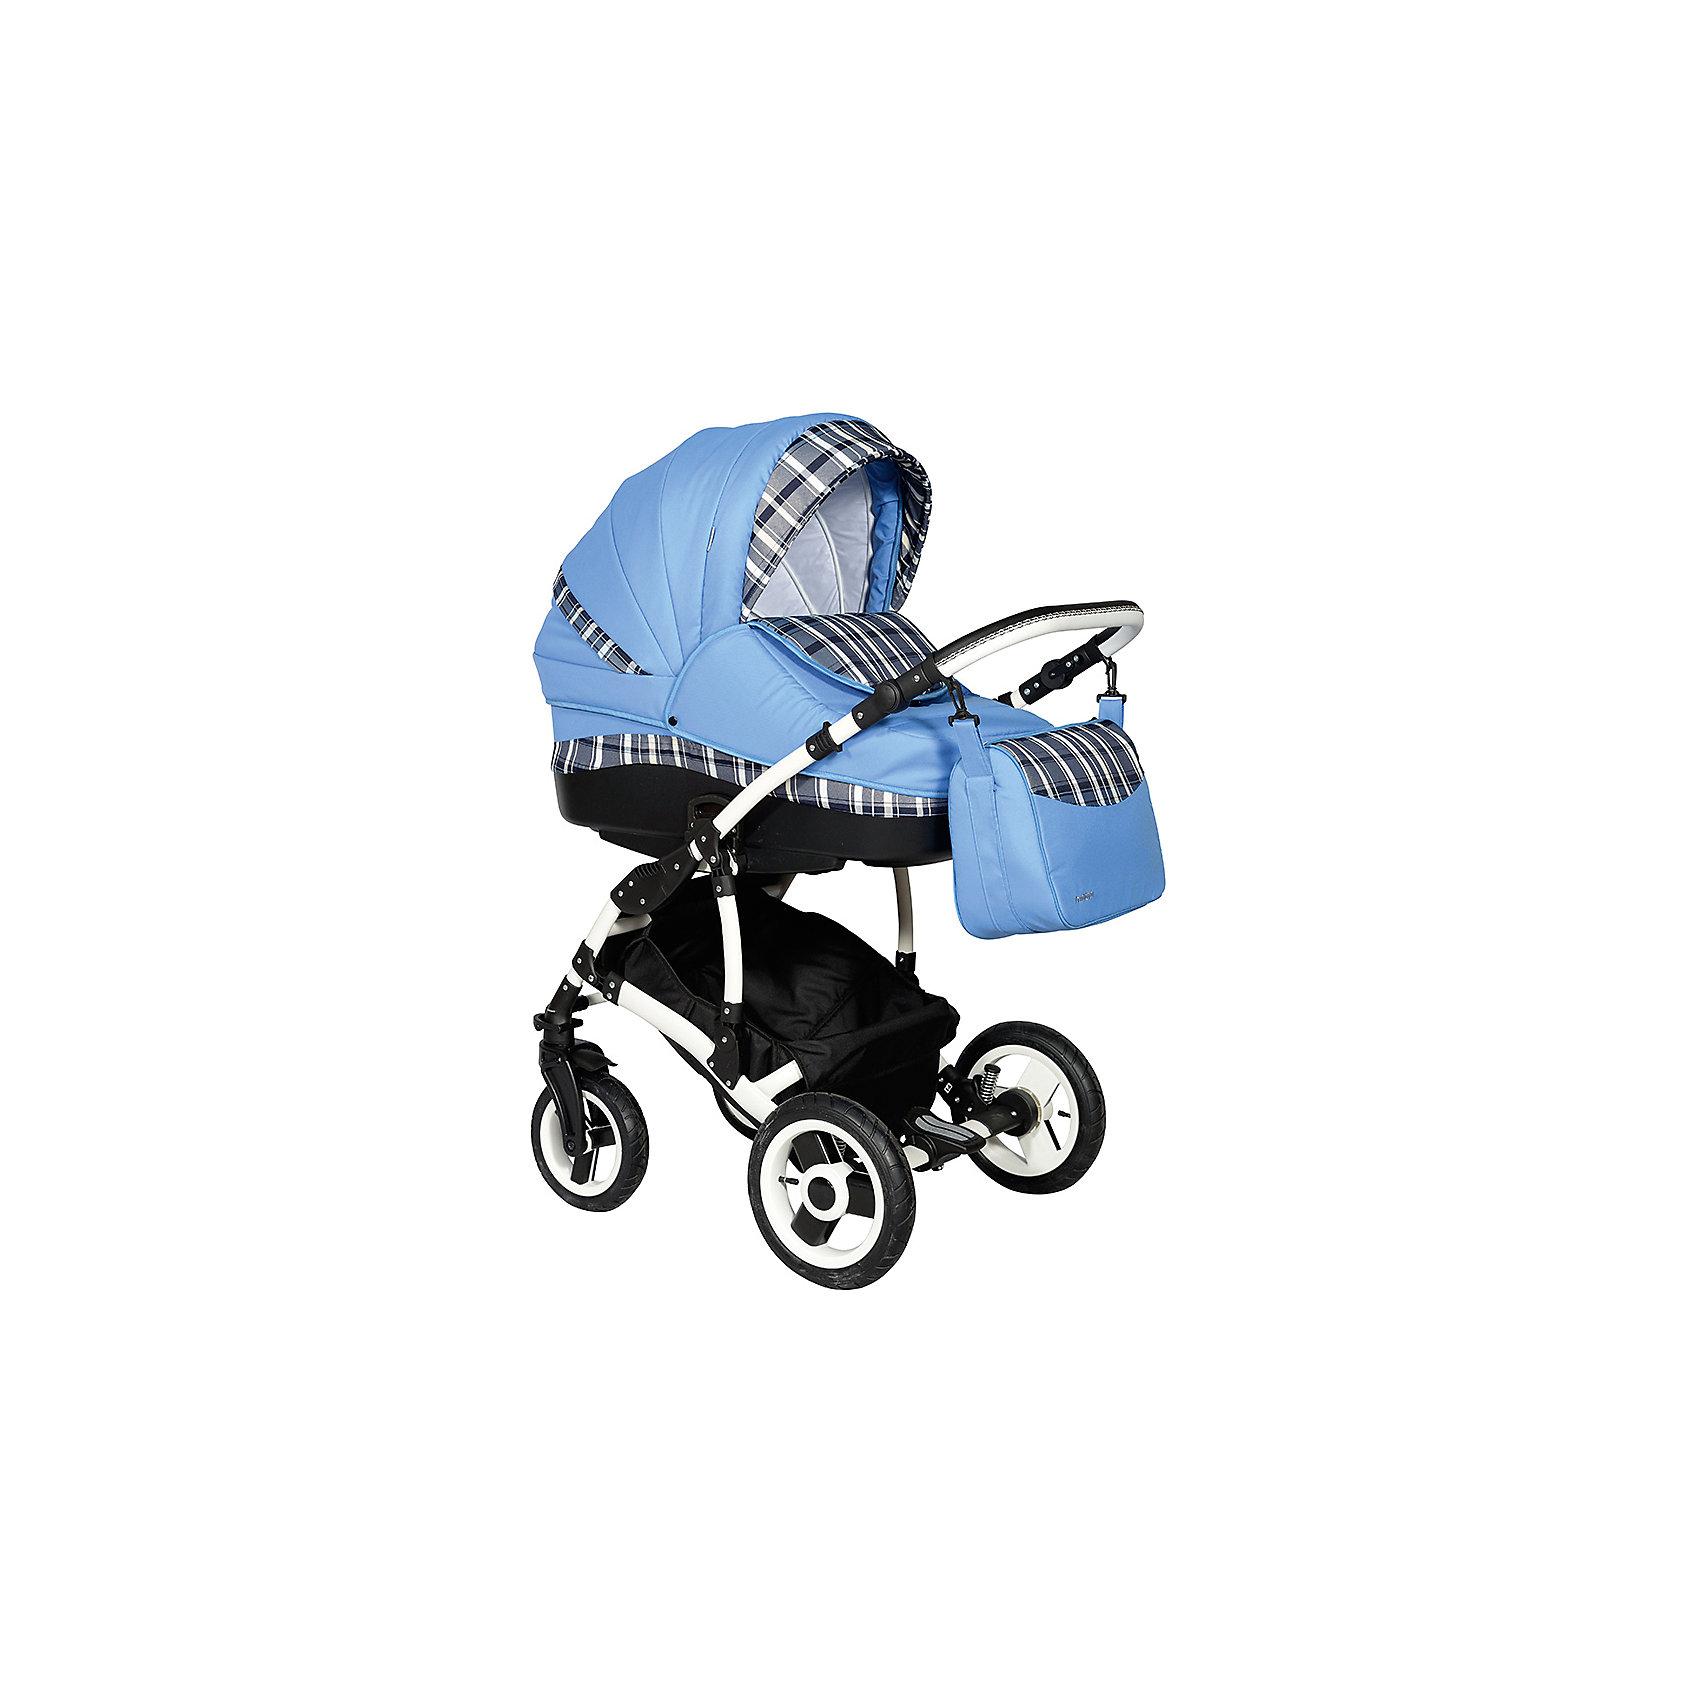 Коляска 2 в 1 Mathis Flowers 2, Indigo,  Mc2 02 голубой/синяя клеткаУдобная и практичная коляска Матис 2 в 1, от известного польского бренда Indigo. Отличительной особенностью коляски являются клетчатые расцветки и очень нежные хлопчатобумажные материалы внутренней отделки. Стильная, спортивная детская коляска с удлиненной рамой для большей устойчивости на дороге и крутых спусков с бордюров.<br>Характеристики:<br>Регулируемая высота ручкиПружинный механизм амортизации.<br>Пластиковая цельнолитая люлька.<br>Регулируемый подголовник.<br>Ручка для переноски люльки.<br>Бесшумное опускание капюшона.<br>Сумка.<br>Регулируемая спинка.<br>Дождевик.<br>Москитная сетка.<br>Солнцезащитный козырек.<br>Корзина для продуктов.<br>Ножной тормоз.<br>Спальное место: 73x33x24 см.<br>Ширина колесной базы: 61 см.<br>Вес шасси с люлькой: 13,5 кг.<br>Тип колеса: надувные.<br>Диаметр колеса: 290 мм; 230 мм.<br><br>Ширина мм: 930<br>Глубина мм: 610<br>Высота мм: 560<br>Вес г: 13500<br>Возраст от месяцев: 0<br>Возраст до месяцев: 36<br>Пол: Унисекс<br>Возраст: Детский<br>SKU: 4972735